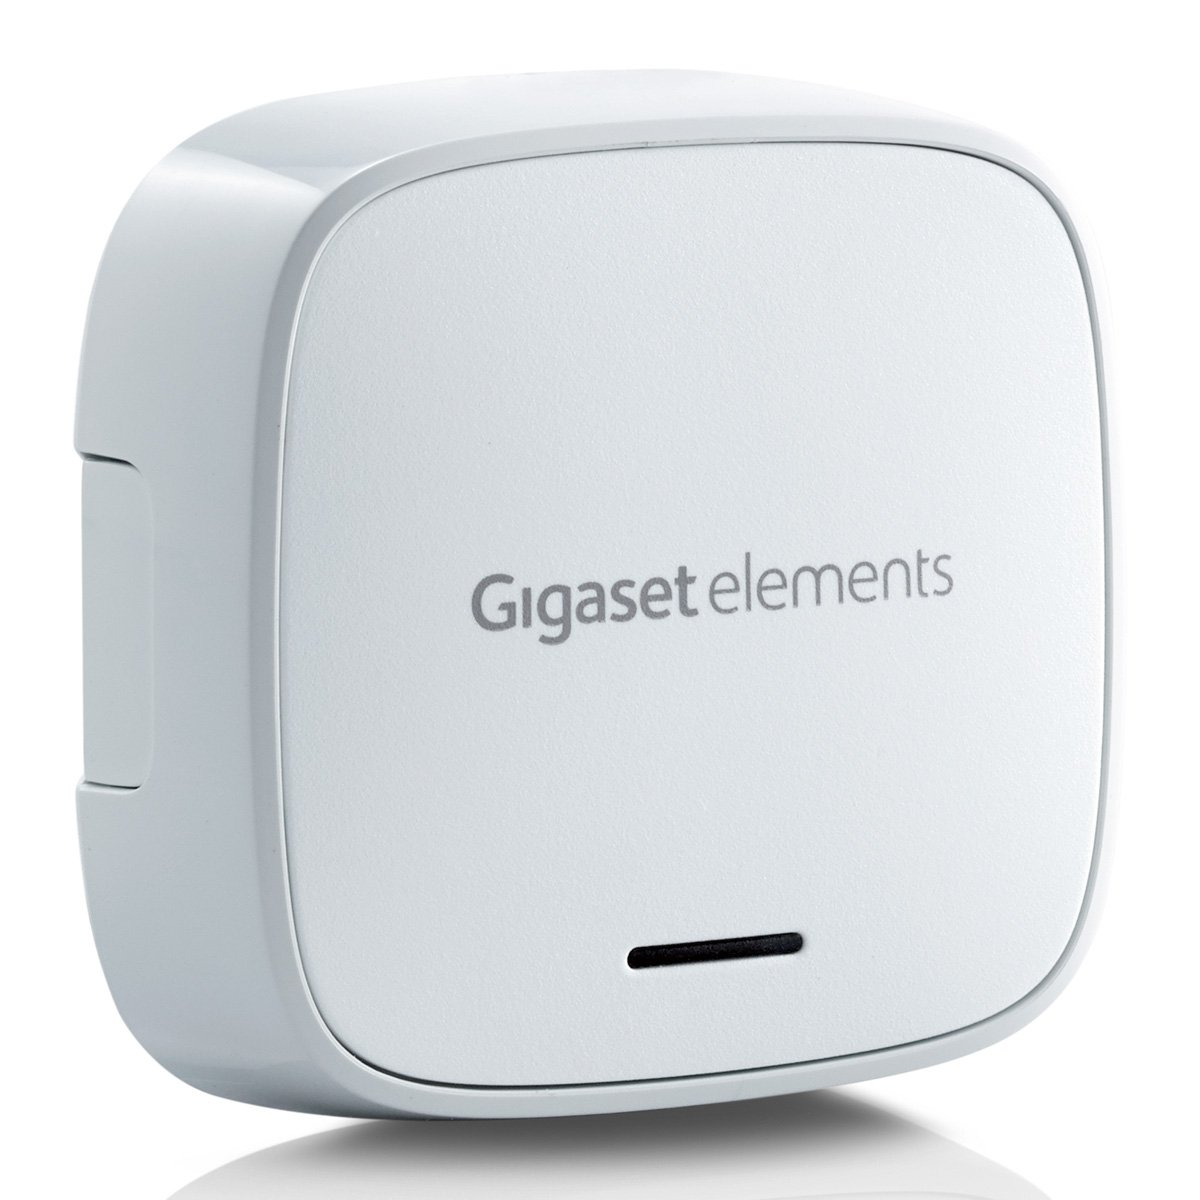 SET-ERGÄNZUNG Gigaset Fenstersensor – für große und kleine Fenster – Alarmsensor mit kostenfreier App – Smart Home Fenstersensor S30851 H2514 R101